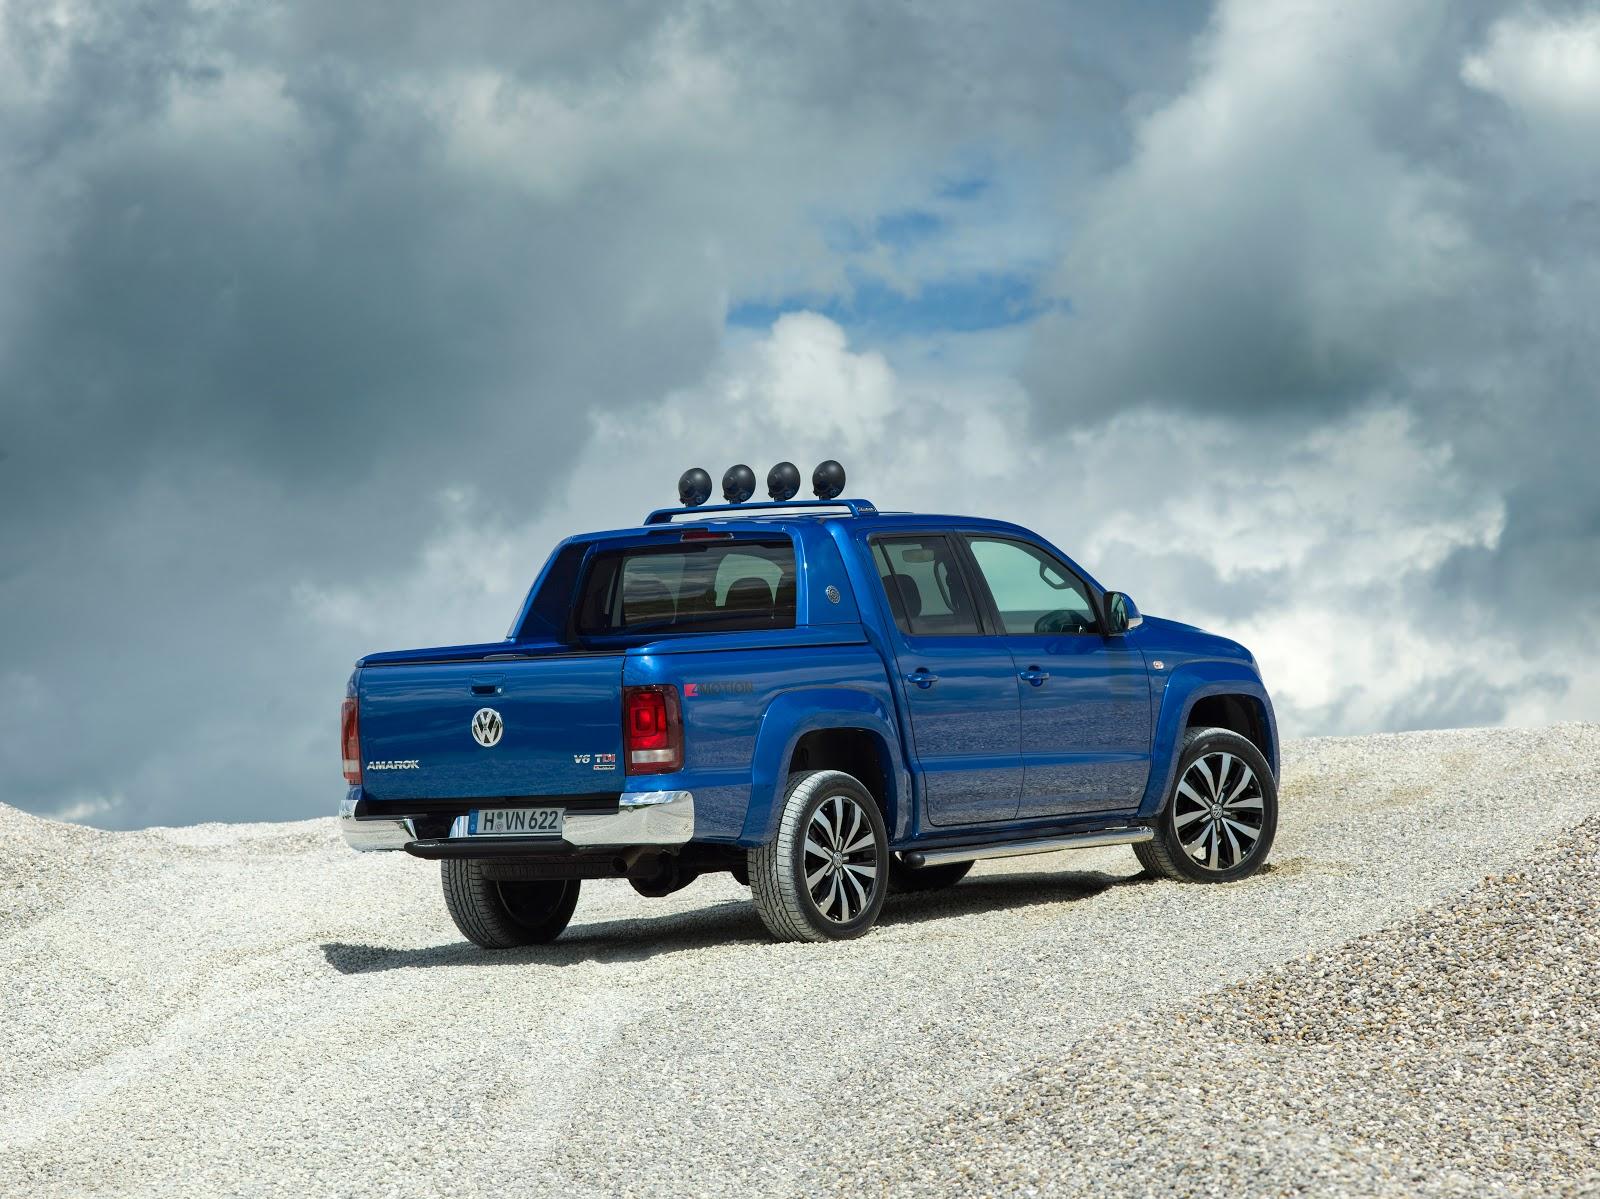 Đánh giá xe Volkswagen Amarok 2017 - Bán tải hàng độc